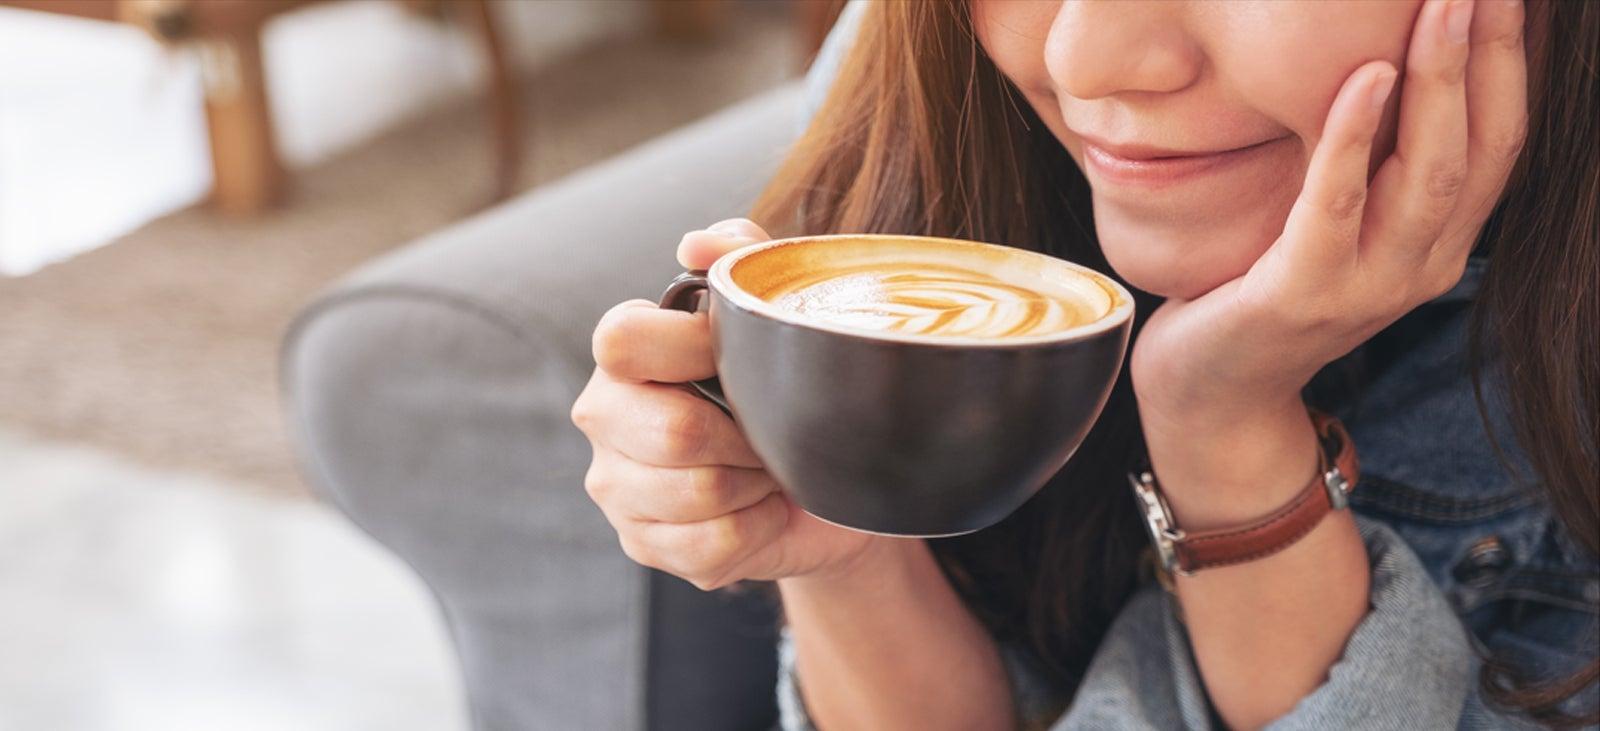 Để nhâm nhi thưởng thức vị cà phê